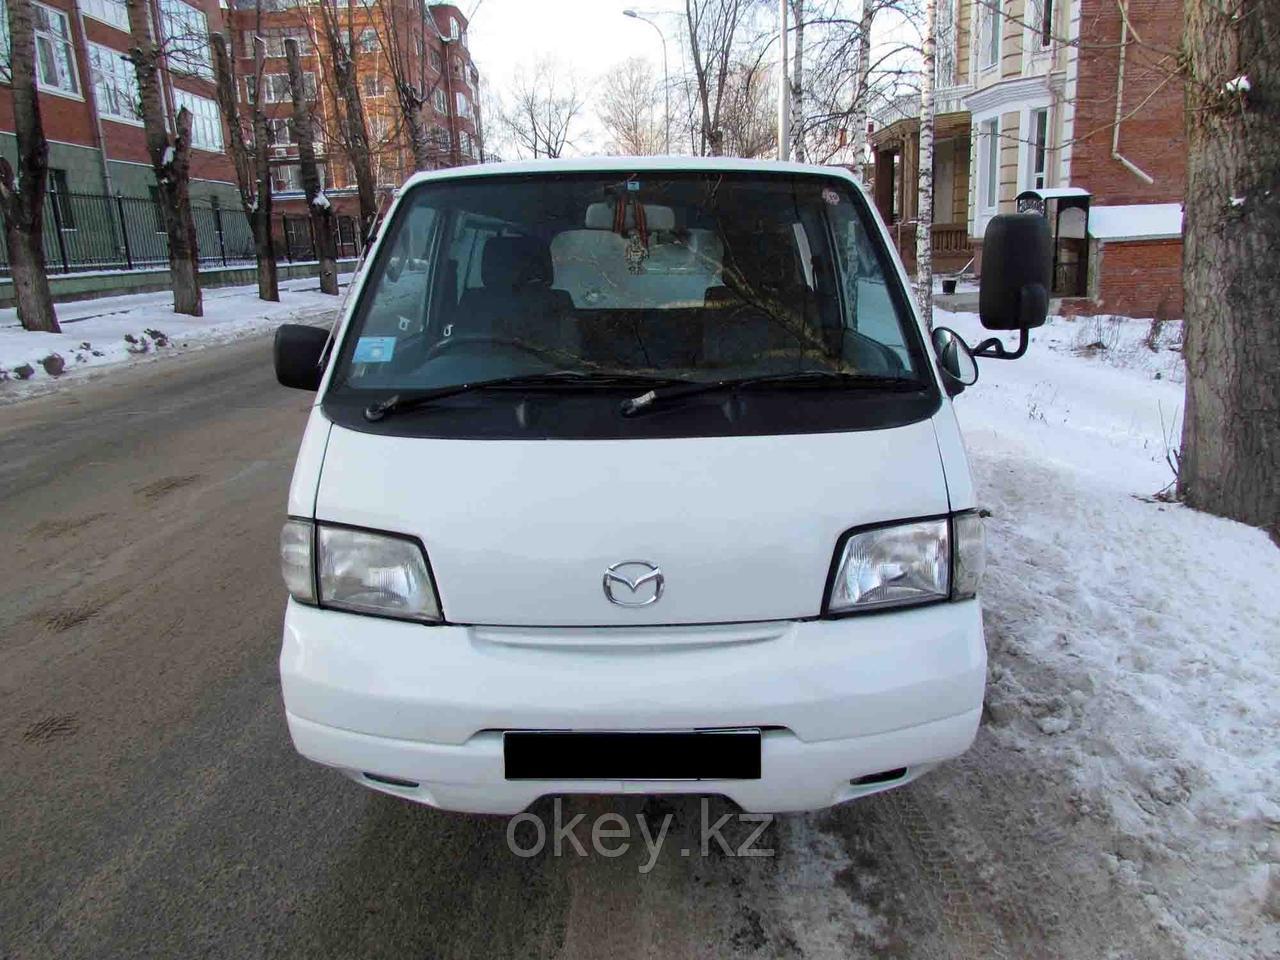 Тормозные колодки Kötl 3246KT для Mazda Bongo фургон (SR2) E2200 D (R2), 1997-2002 года выпуска.